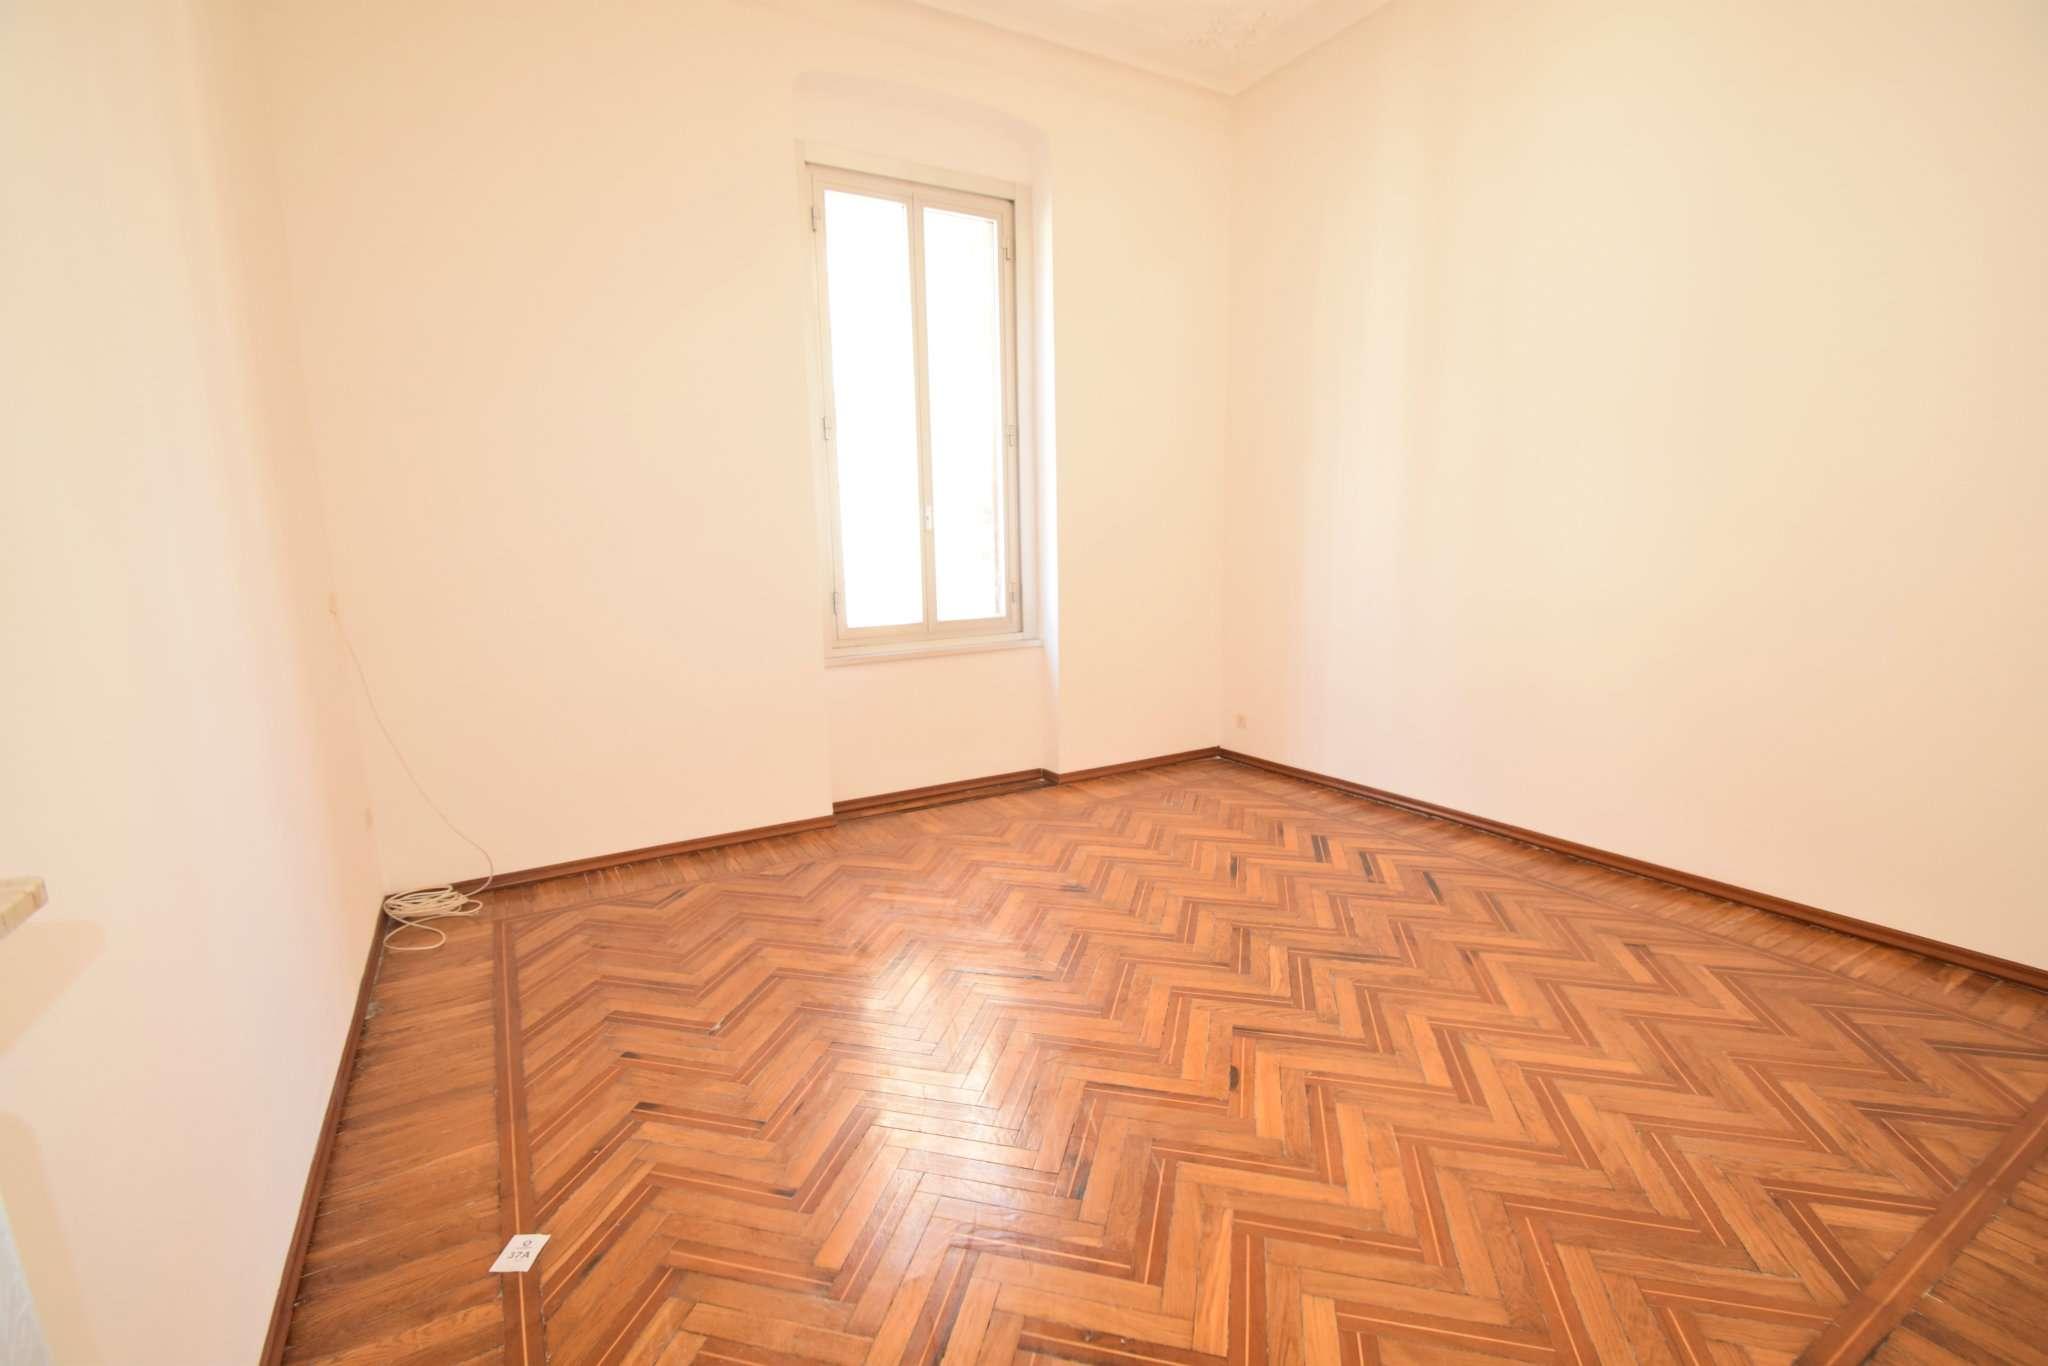 Foto 1 di Appartamento via brigata liguria, Genova (zona Centro città)